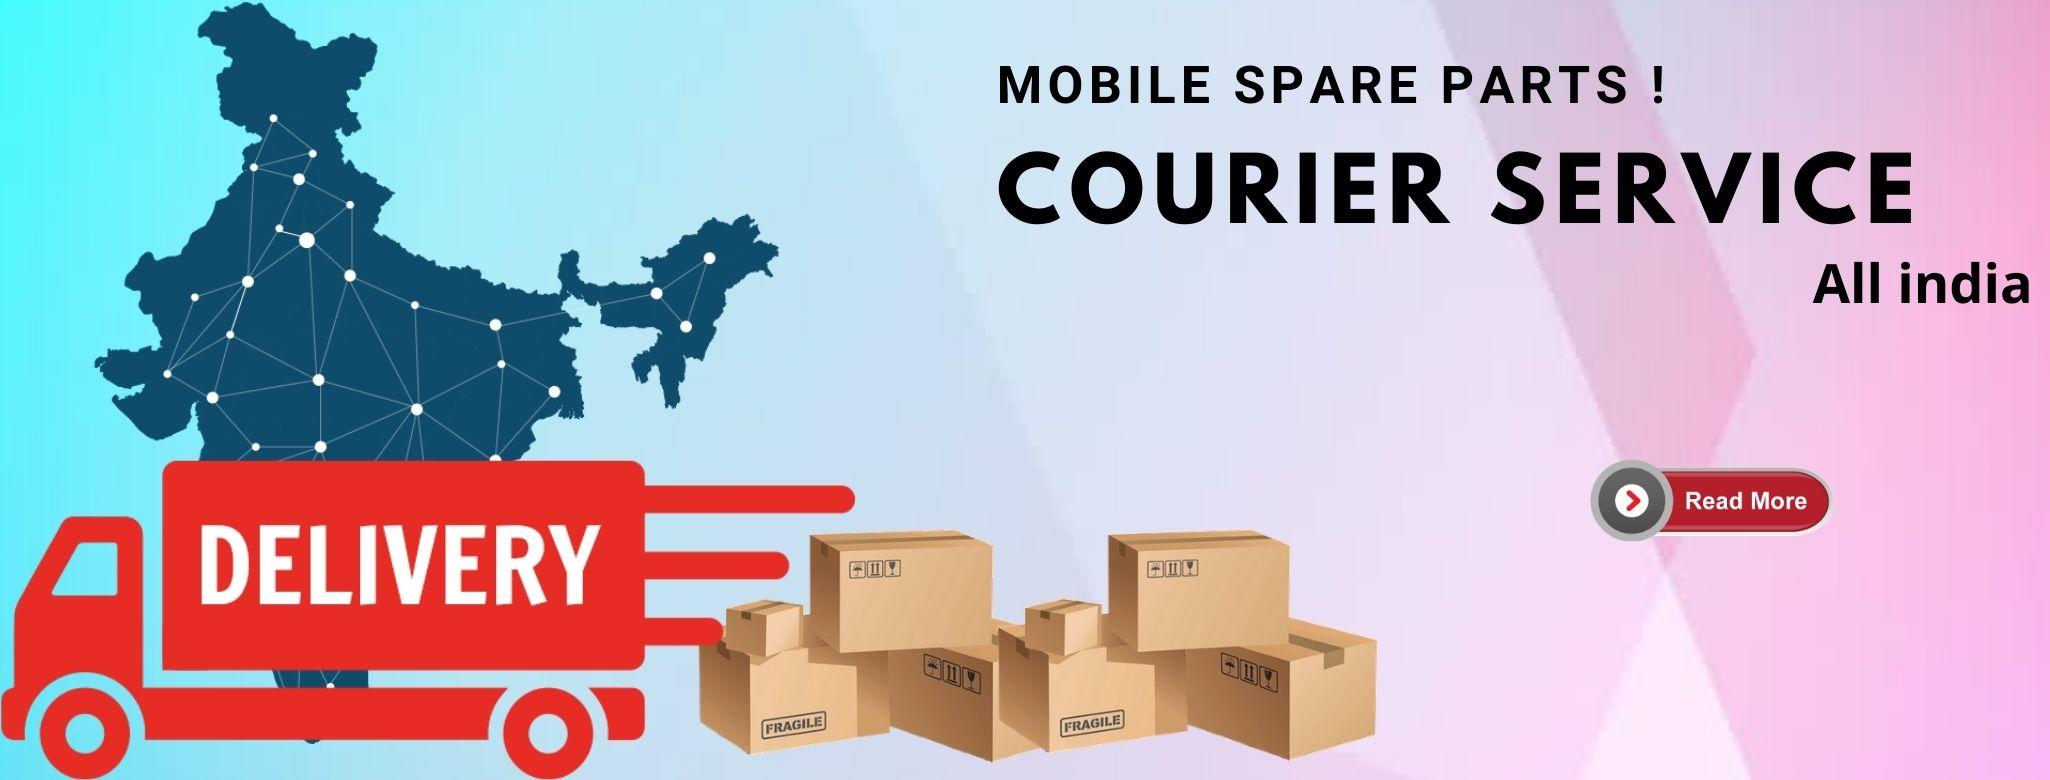 mobile spare parts Courier Service Bsas Mobile Service